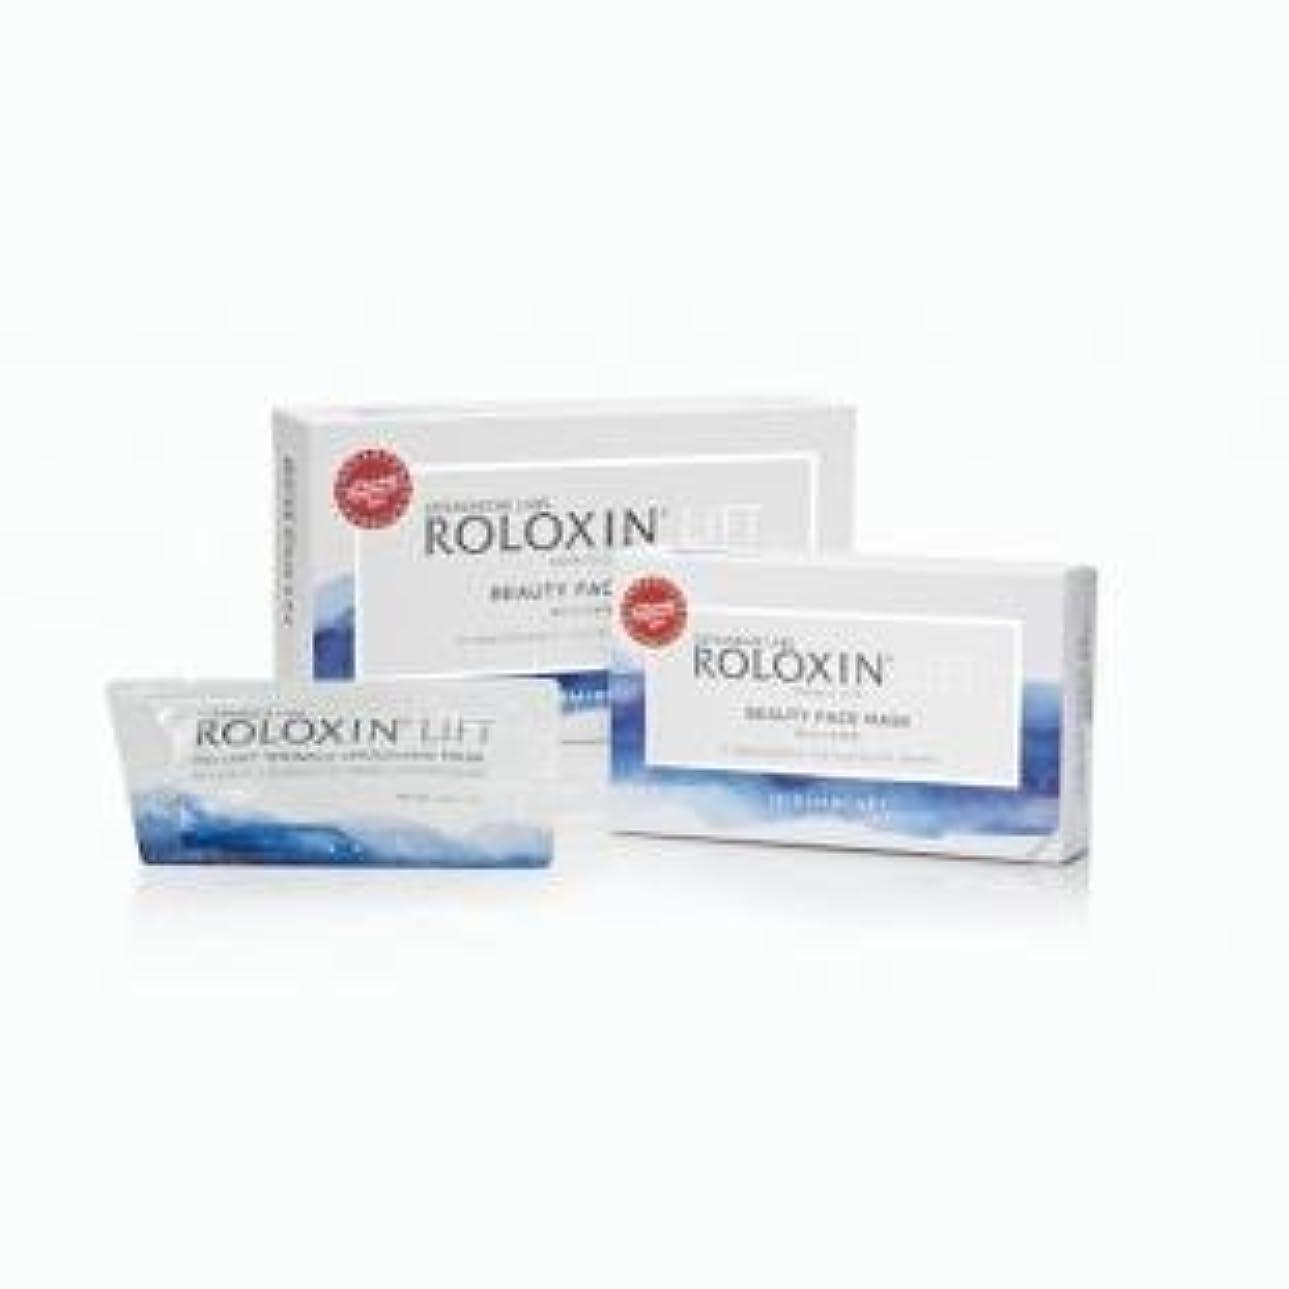 朝ごはん母音プレーヤーROLOXIIN LIFT(ロロキシン リフト) 5個パック